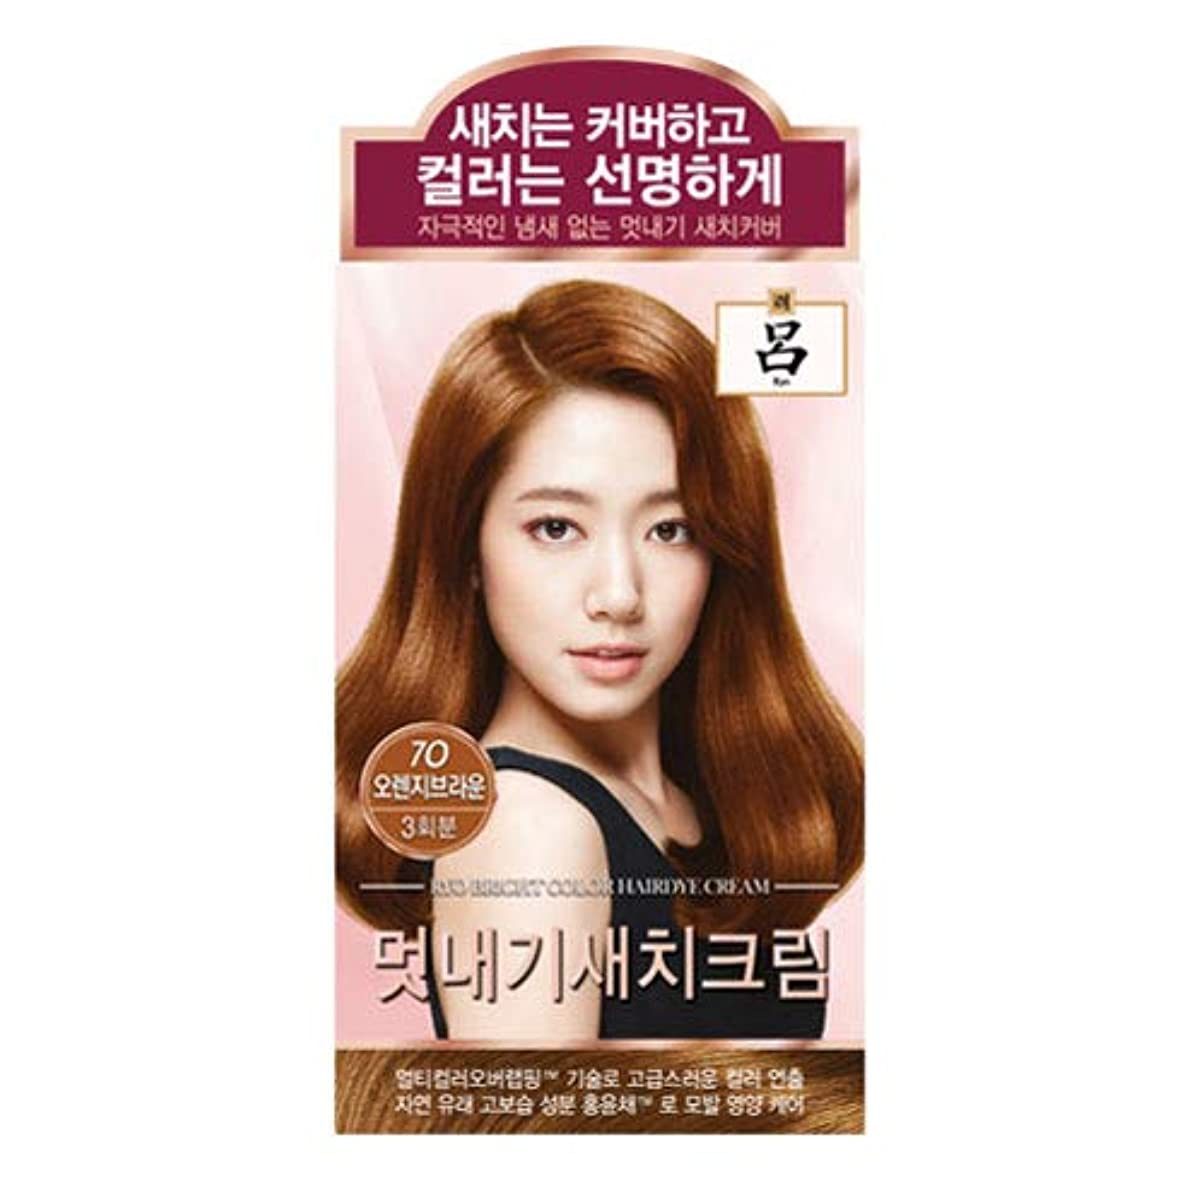 処分した趣味インタラクションアモーレパシフィック呂[AMOREPACIFIC/Ryo] ブライトカラーヘアアイクリーム 7O オレンジブラウン/Bright Color Hairdye Cream 7O Orange Brown